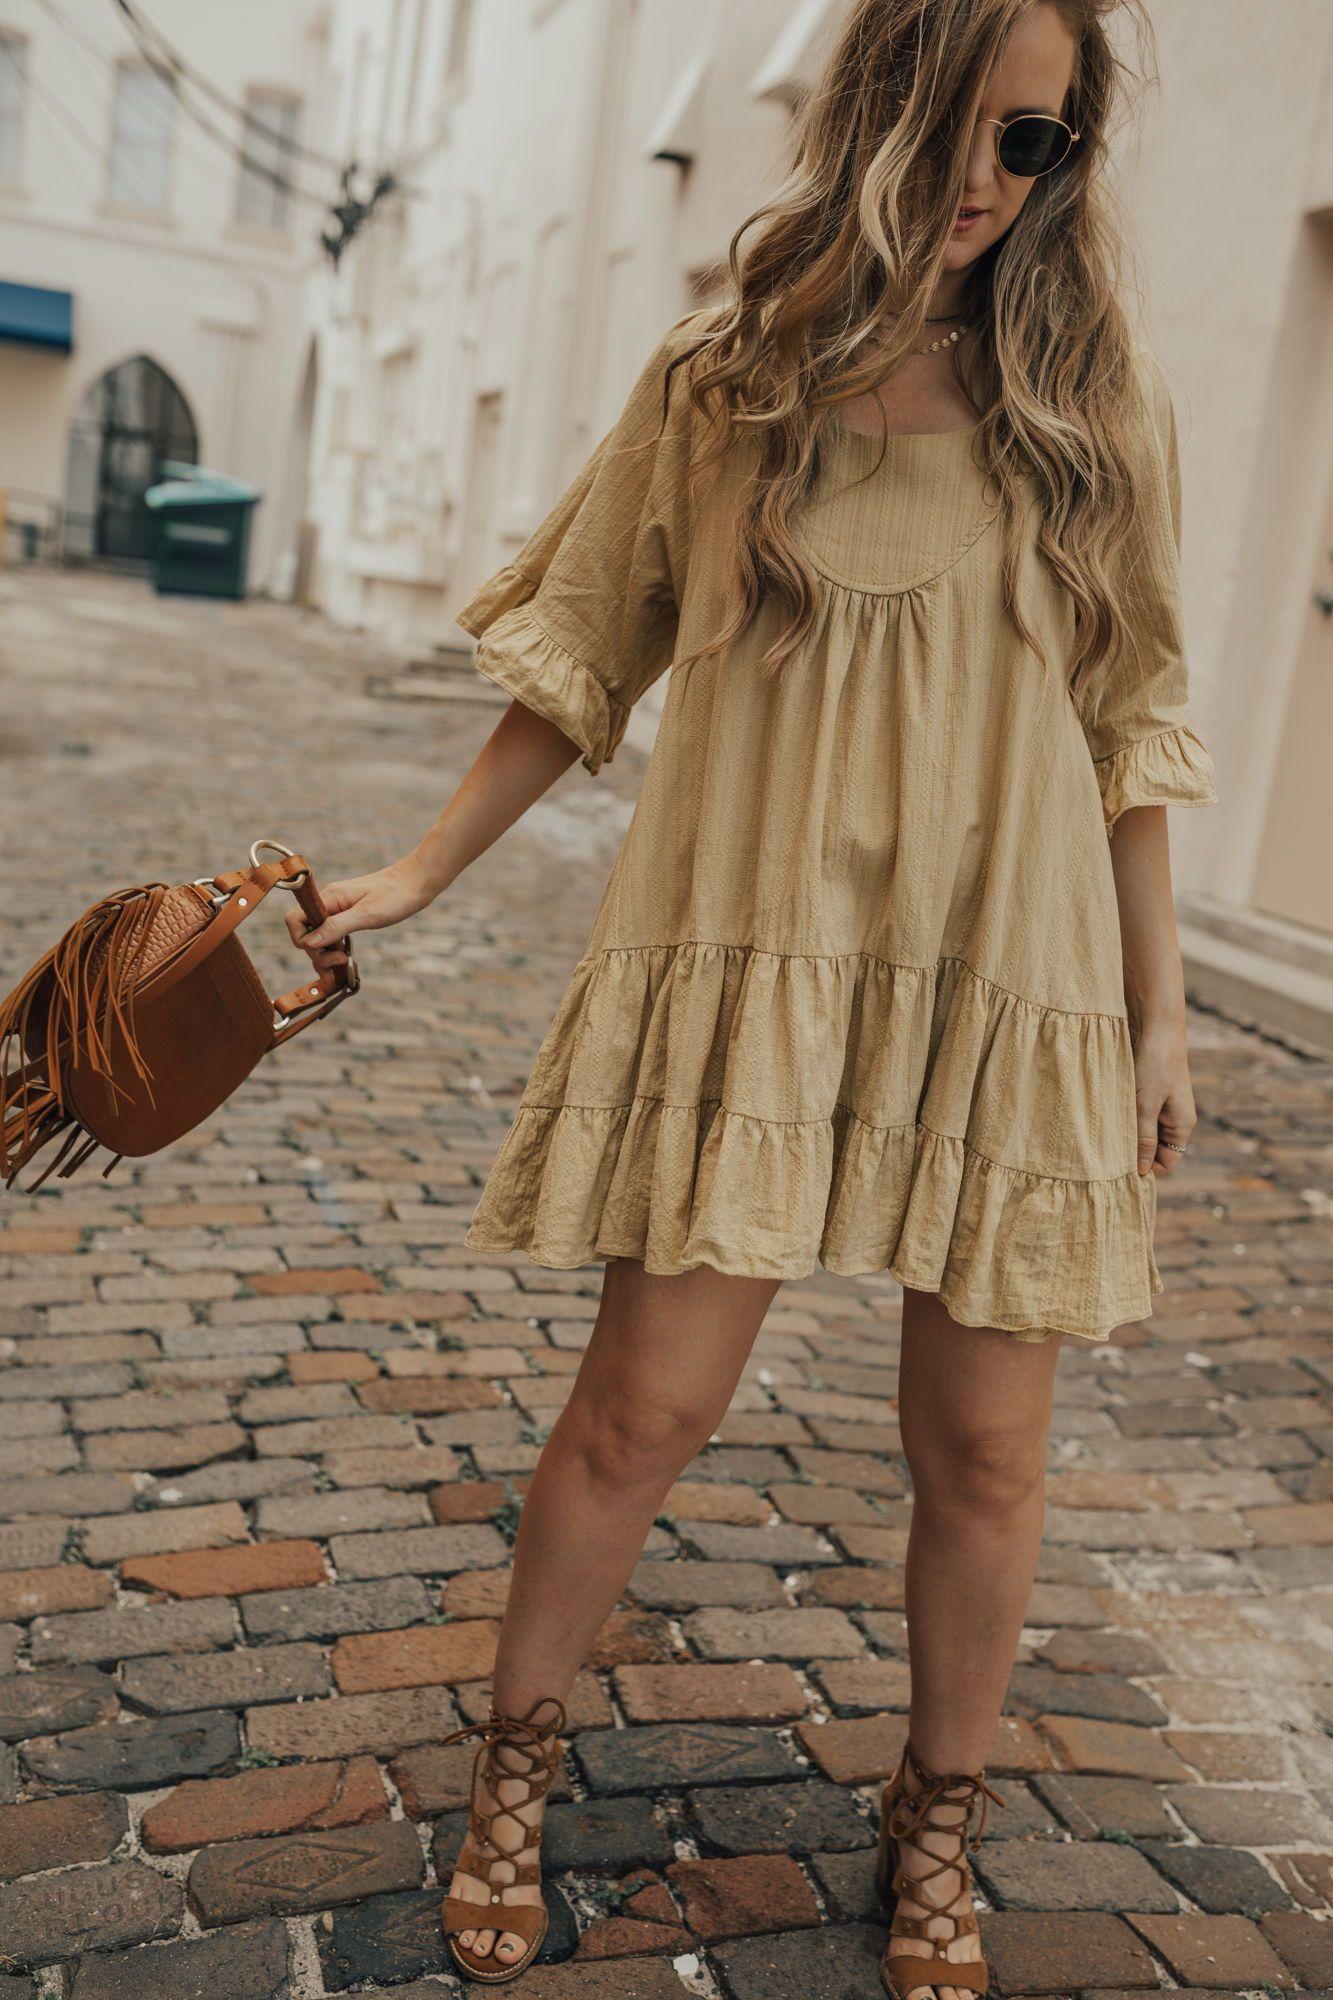 Summer Boho Outfit | Upbeat Soles | Orlando Florida Fashion Blog